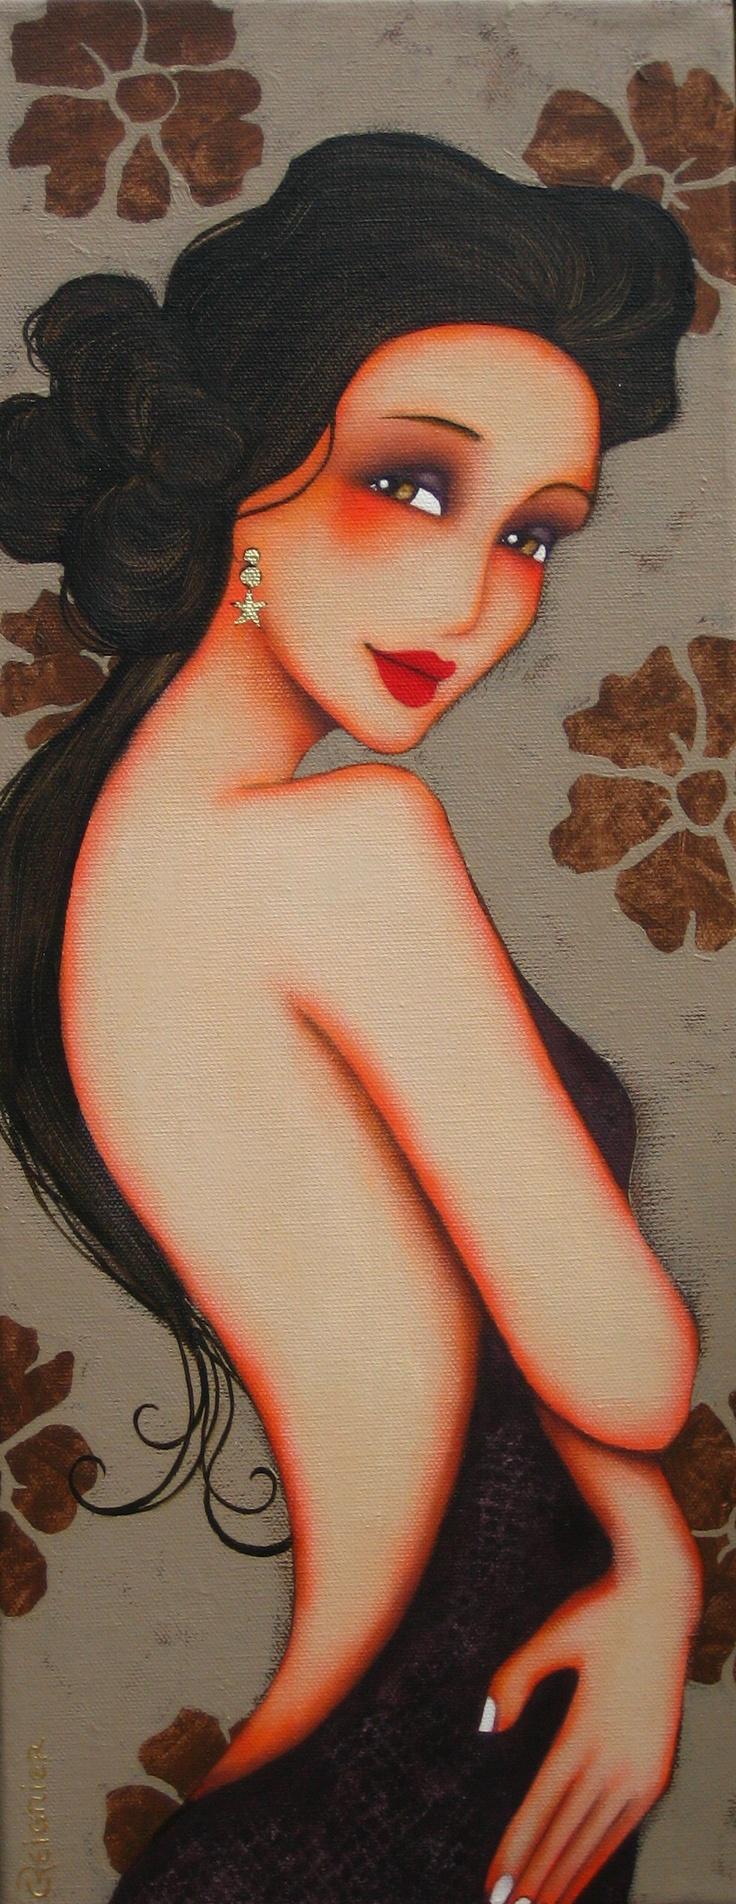 """""""Serena"""" by artist Corinne Reignier from 'artodyssey1.blogspot.com'★♥★A GEM★♥★"""